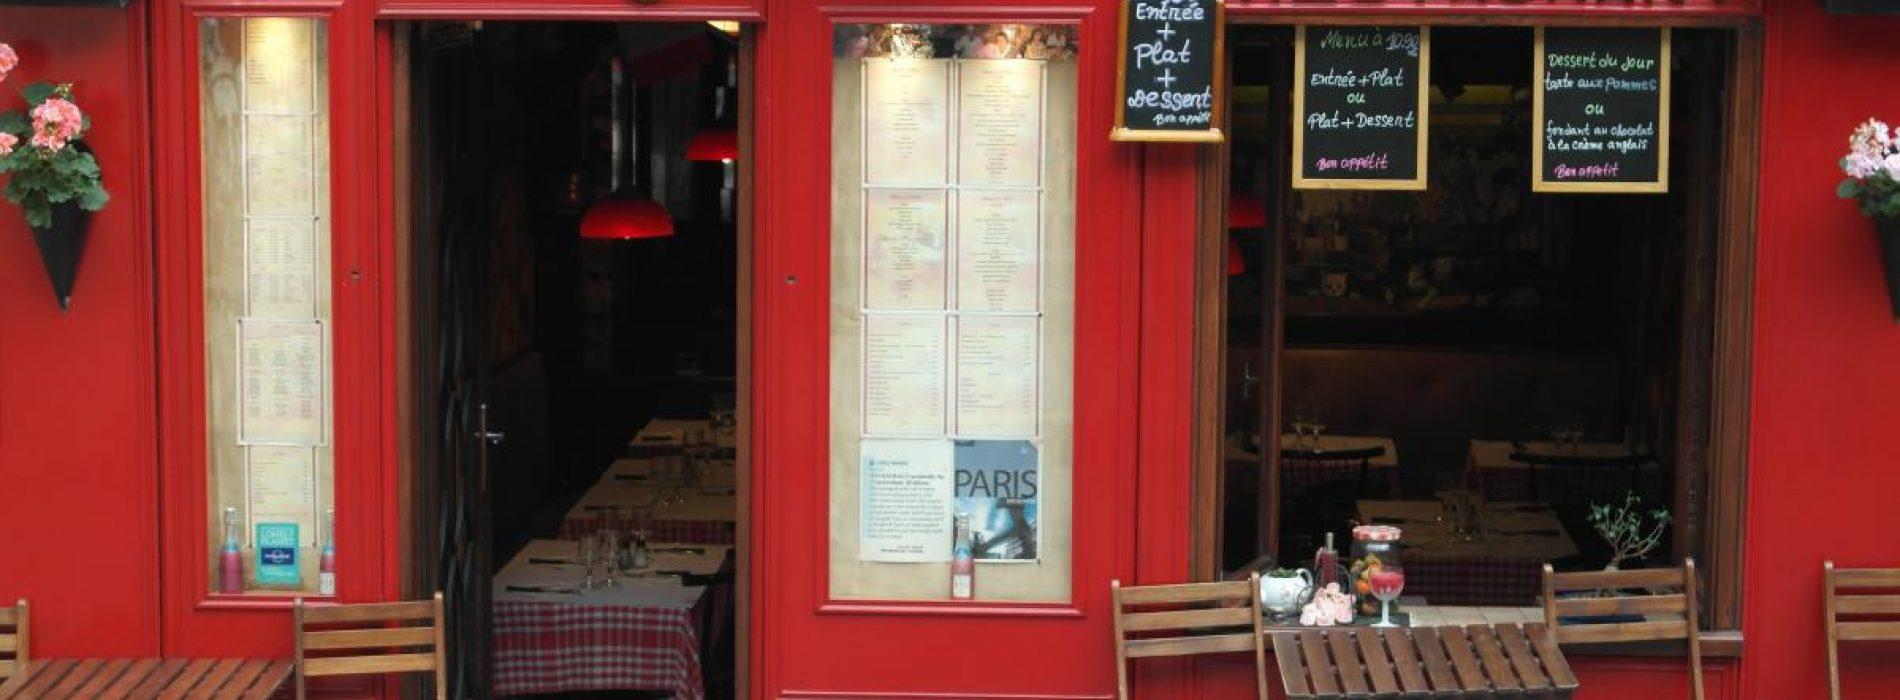 Amelie, Paris ve Ressamlar Tepesi